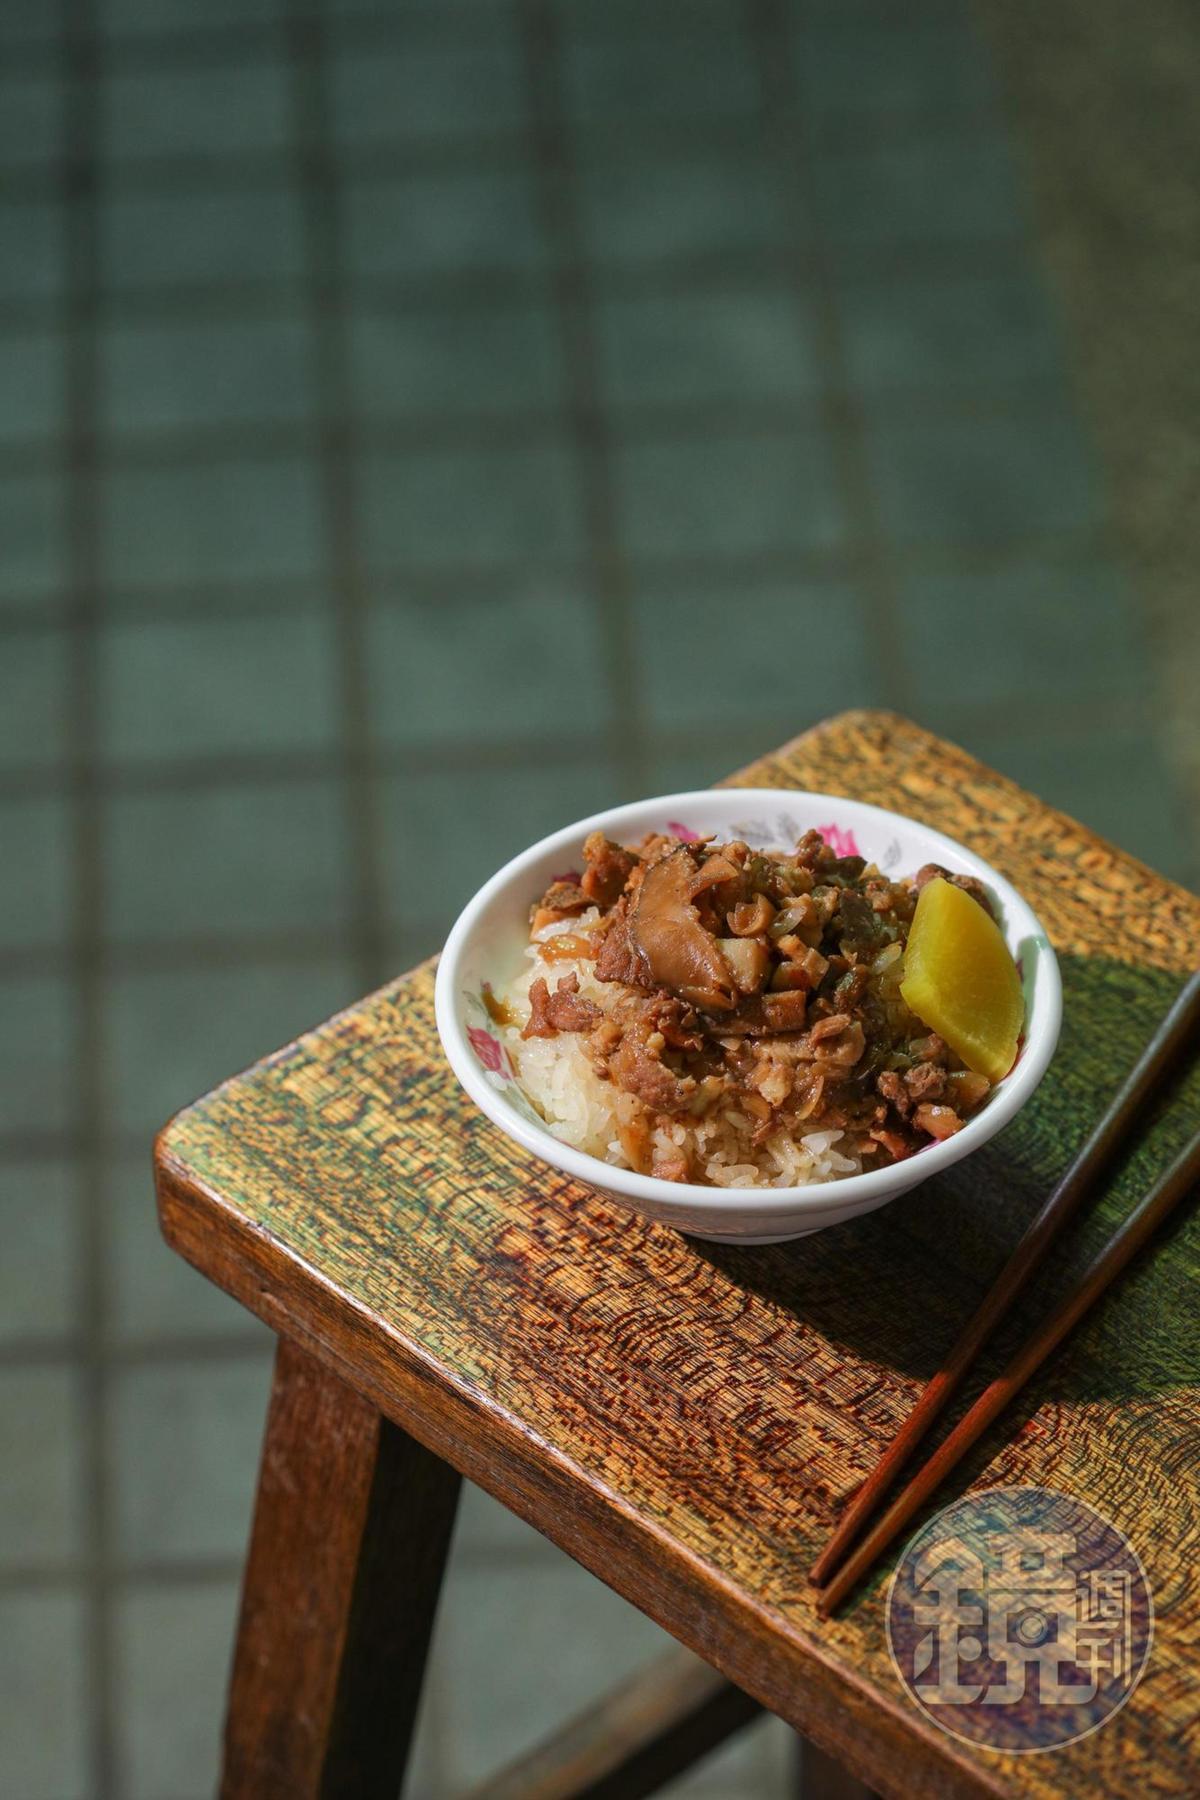 「米糕」米飯鬆爽鹹香,會涮嘴。(30元/碗)